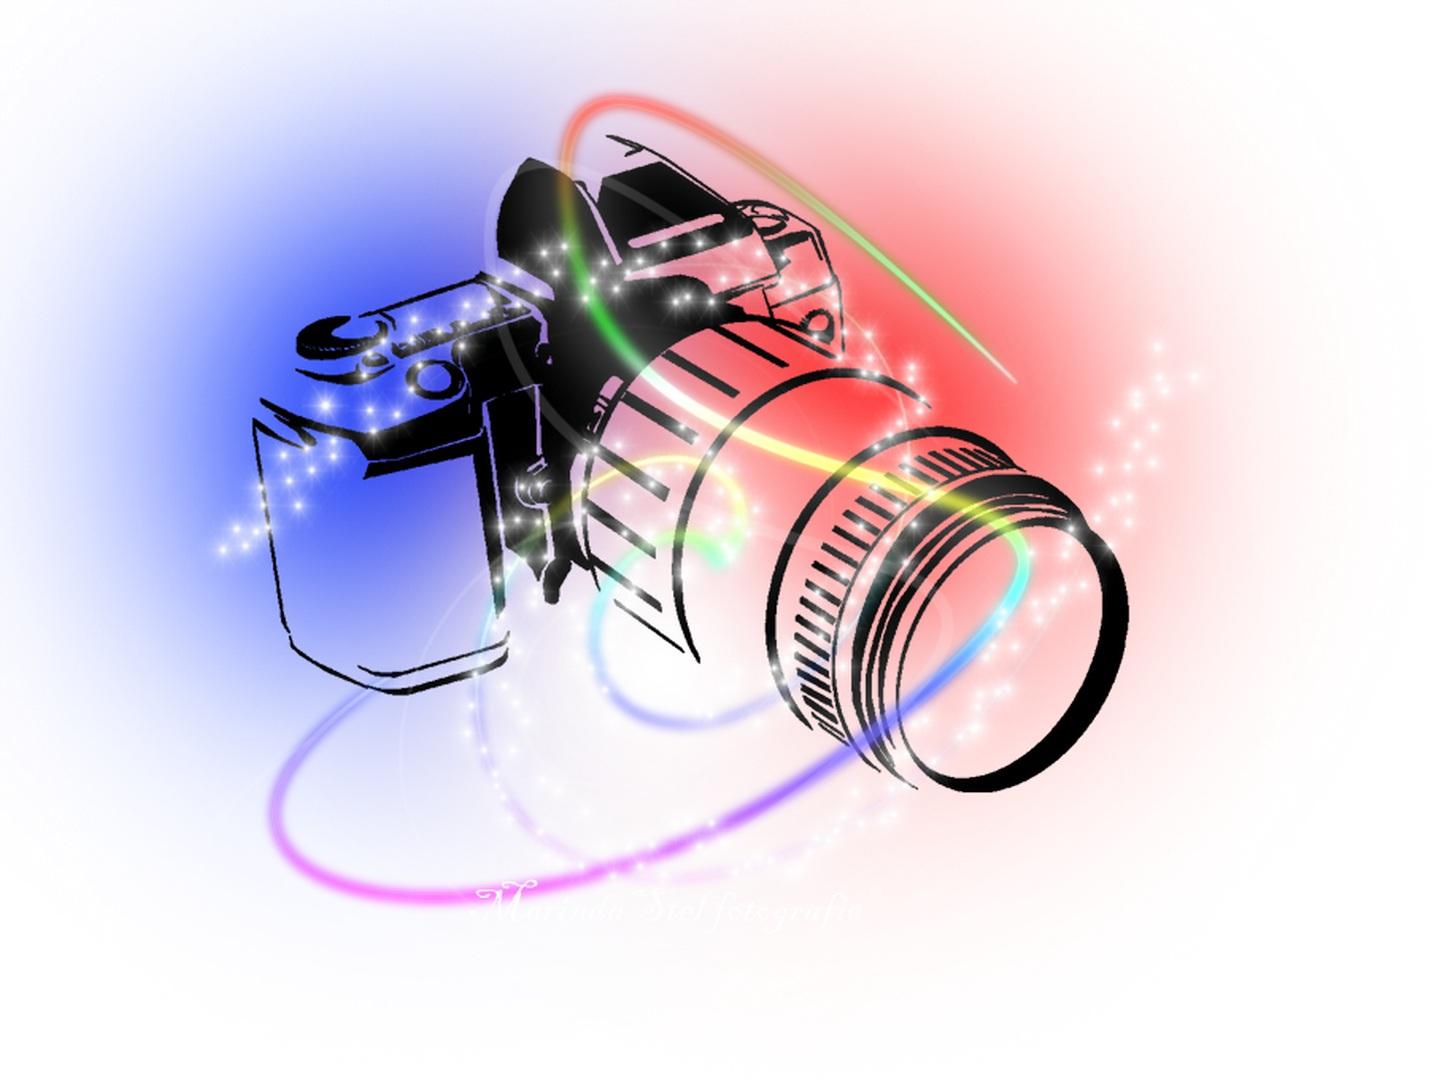 Stelfotografie